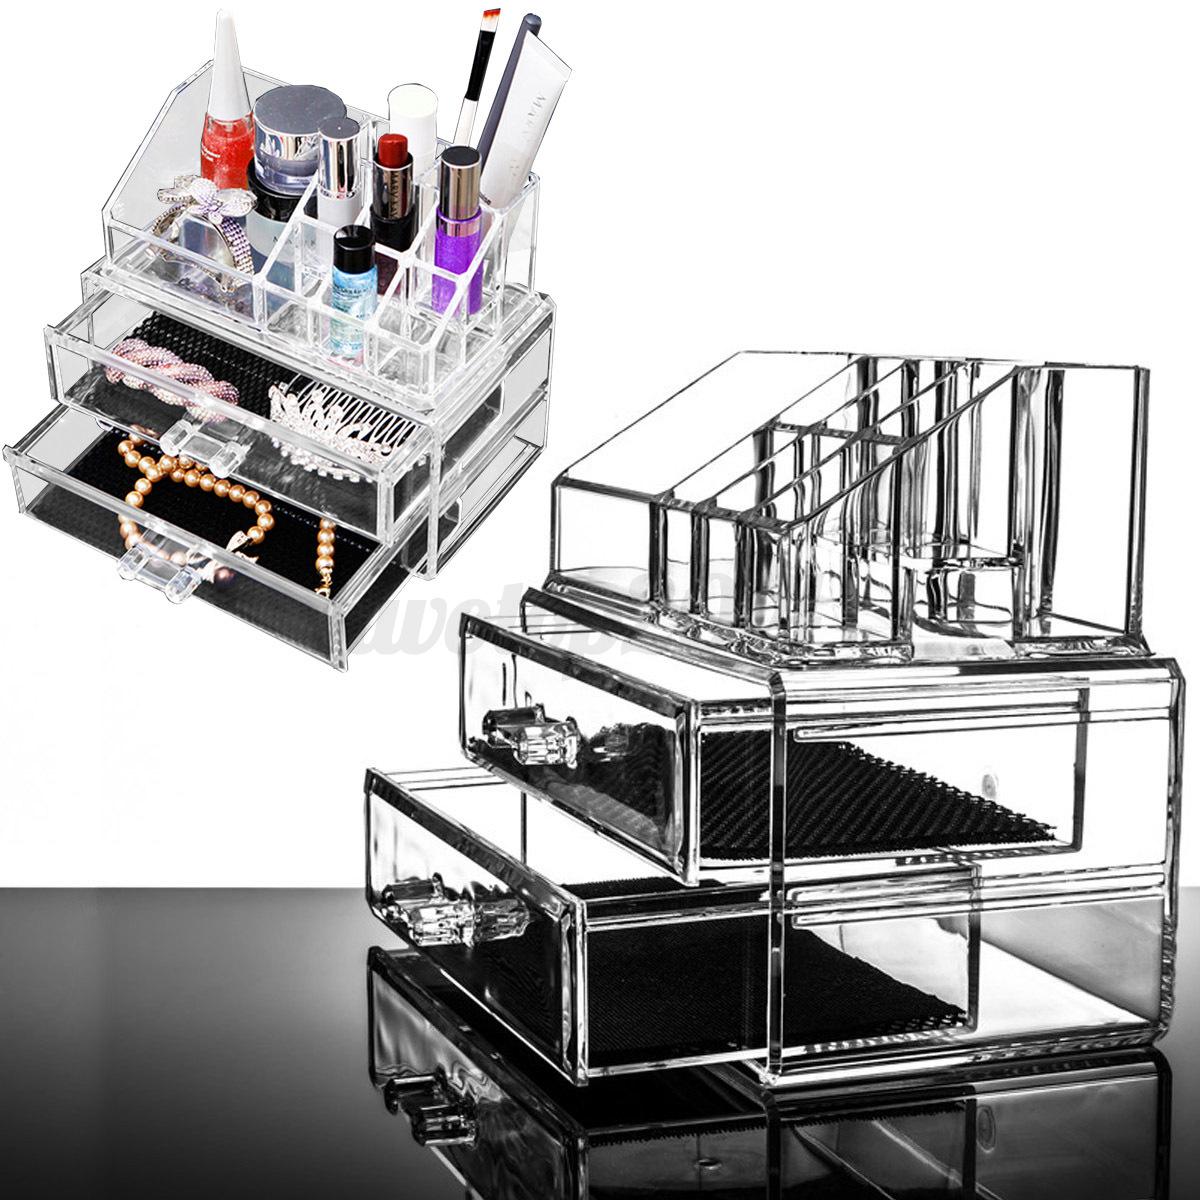 acryl kosmetik organizer mit schublade aufbewahrung. Black Bedroom Furniture Sets. Home Design Ideas